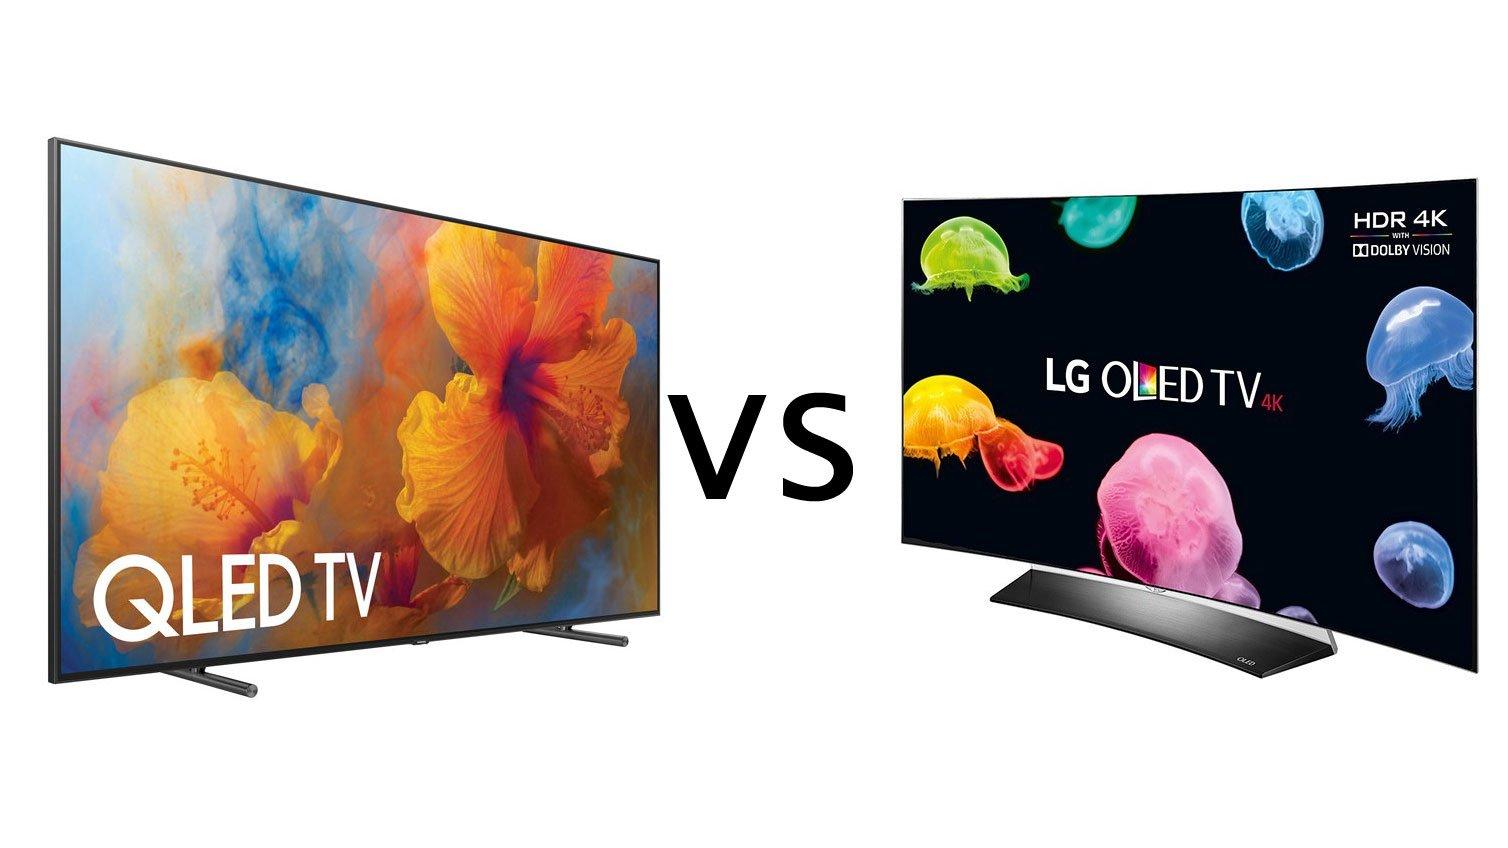 Lợi nhuận quý 4 giảm kinh hoàng, Samsung đổ lỗi cho bán dẫn, LG gặp khó với TV và đồ gia dụng